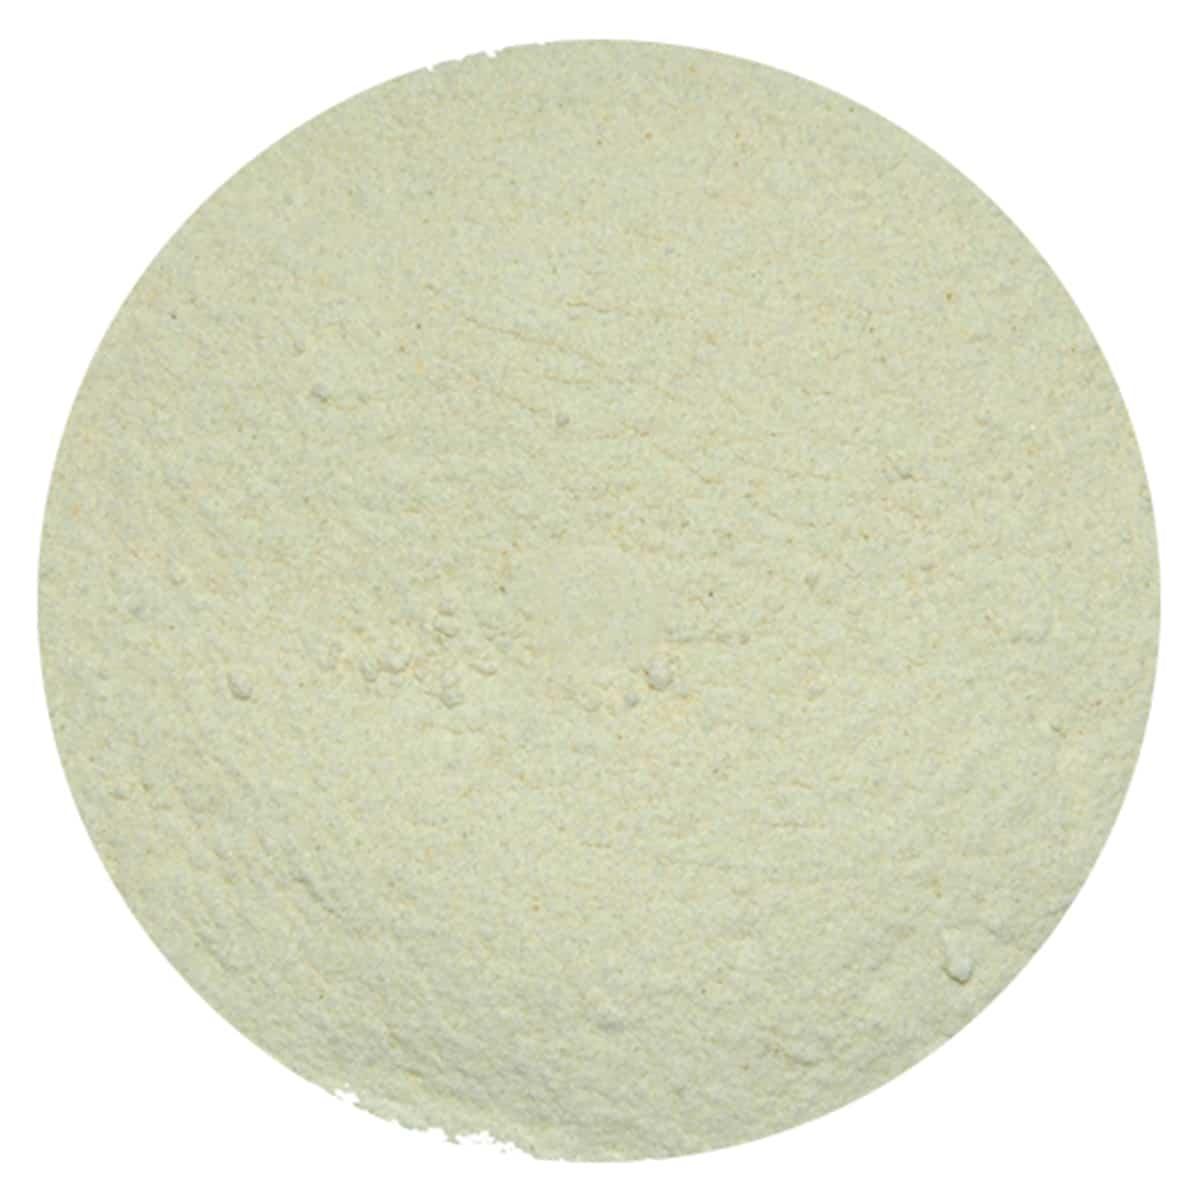 Buy IAG Foods Onion Powder - 1 kg